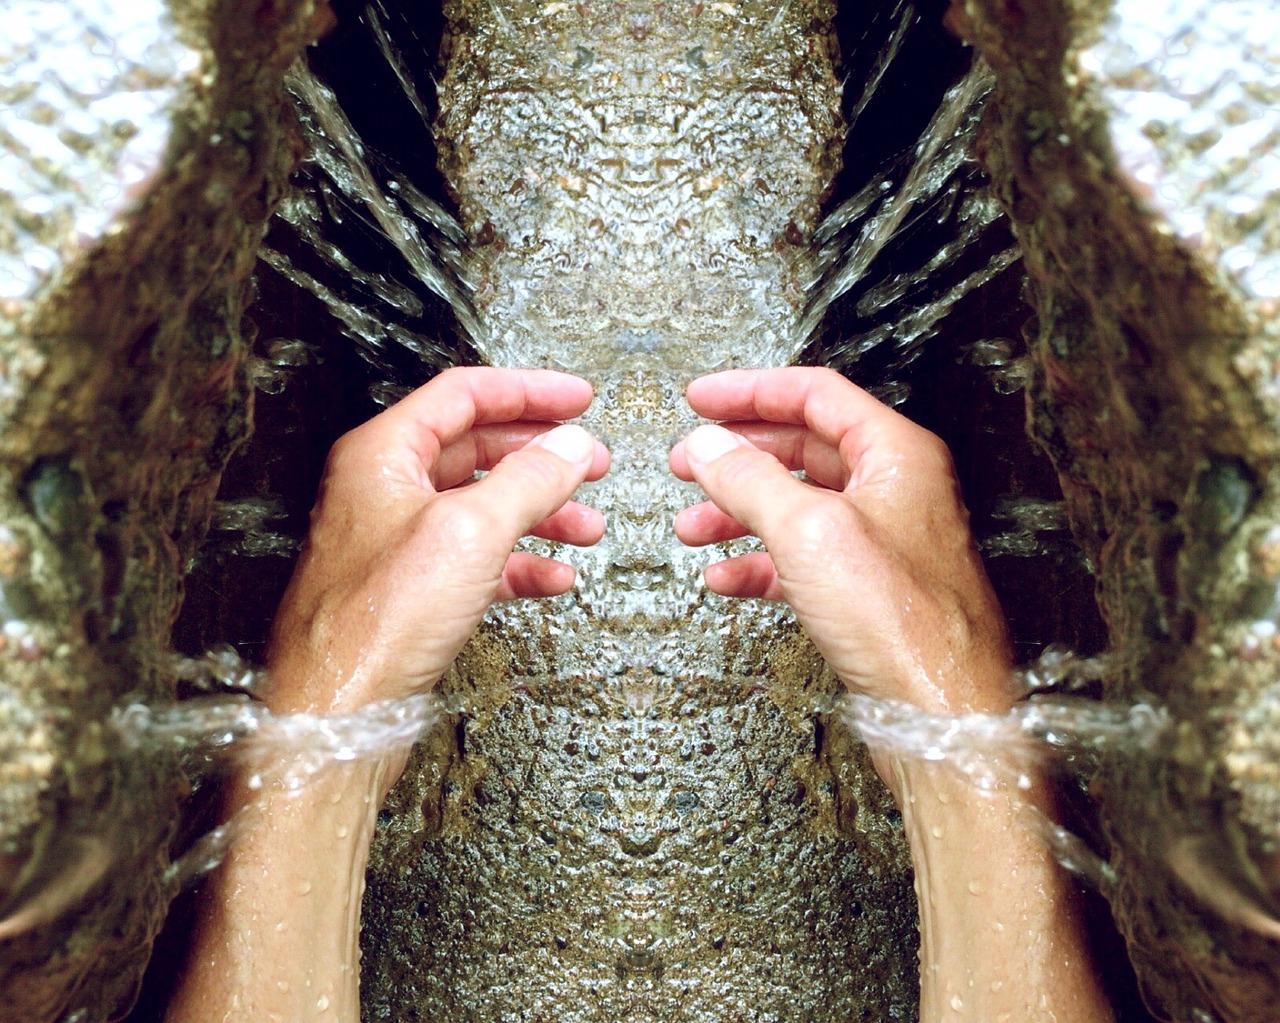 hands-809870_1280